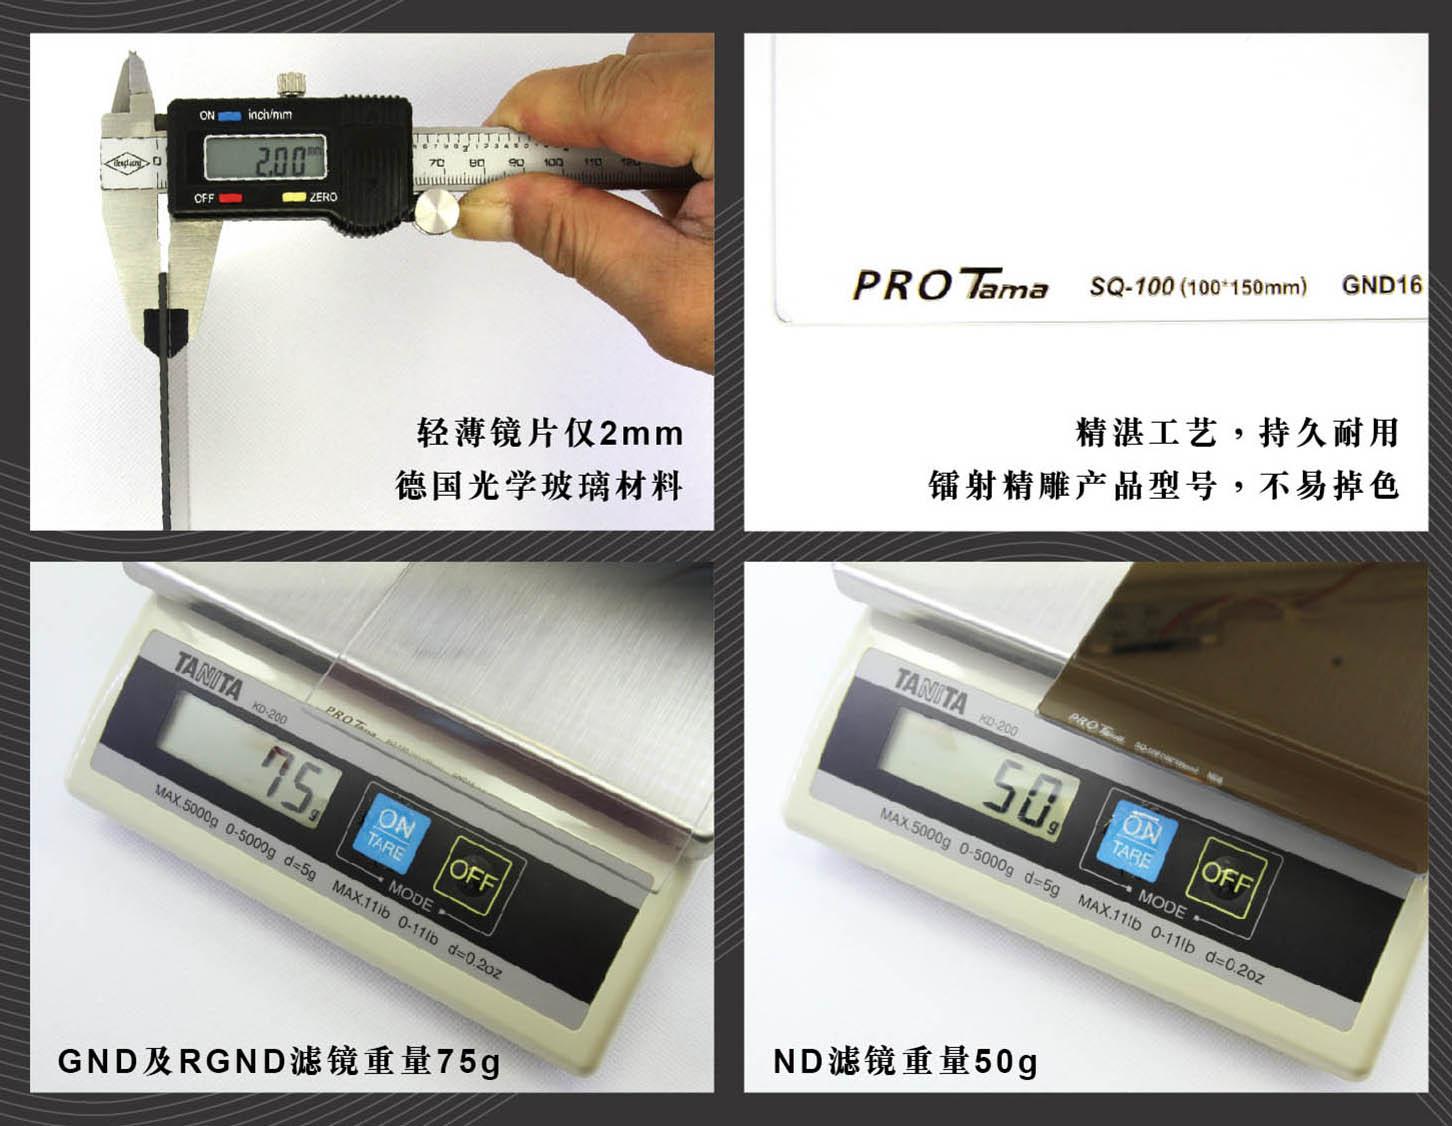 ProTama 天馬 (SQ-100) HD 高清方形濾鏡 - 產品描述